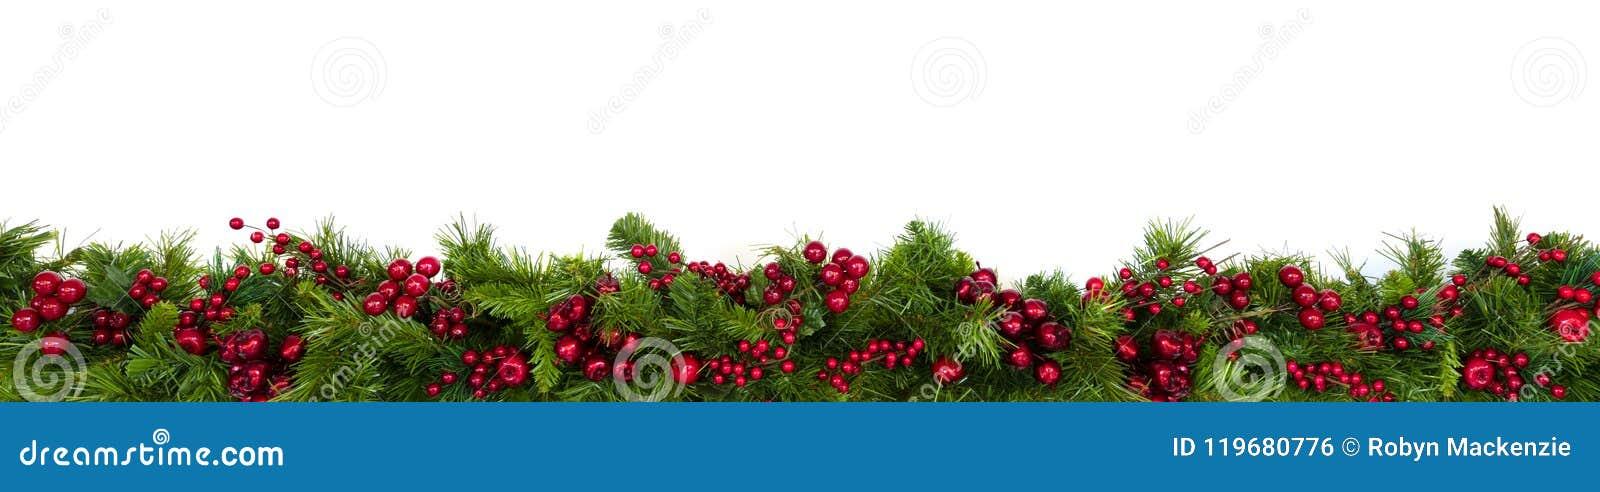 Граница гирлянды рождества с красными ягодами над белизной